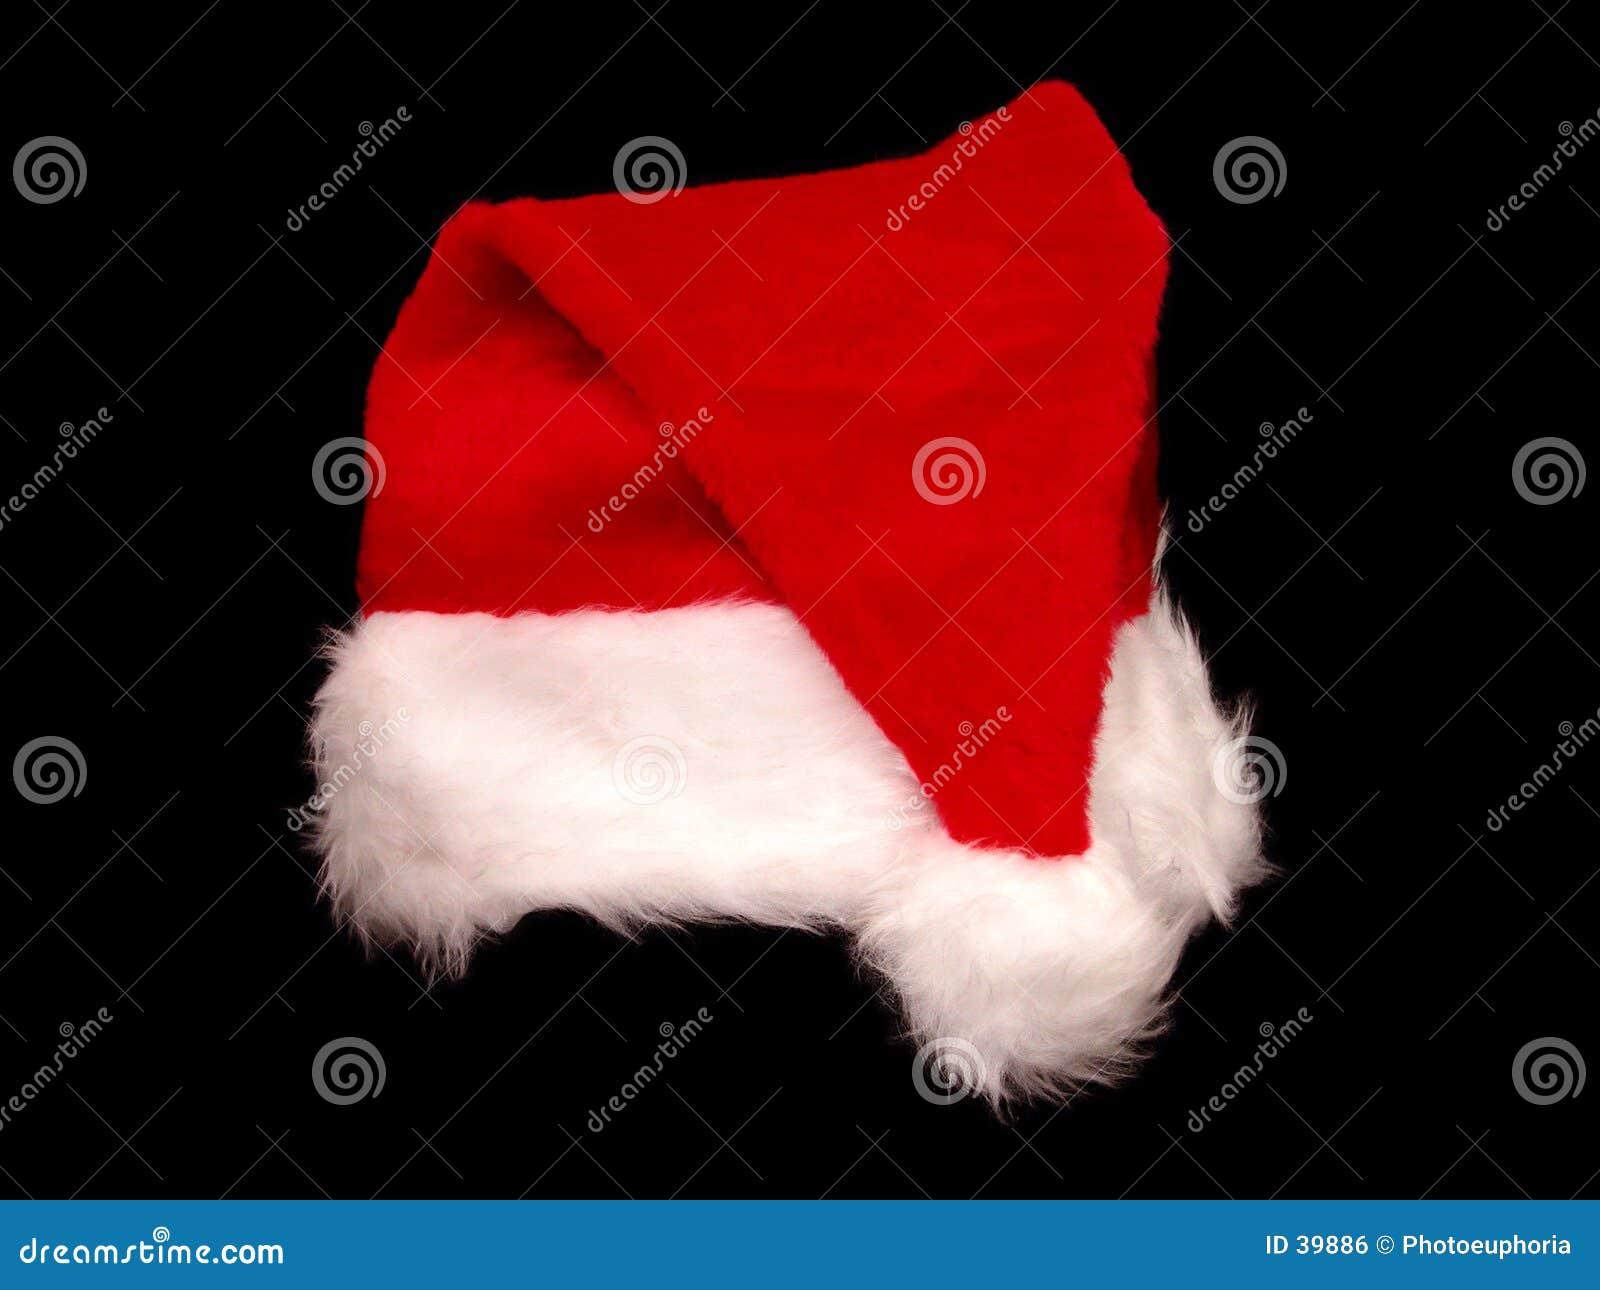 Christmas Santa Hat on Black